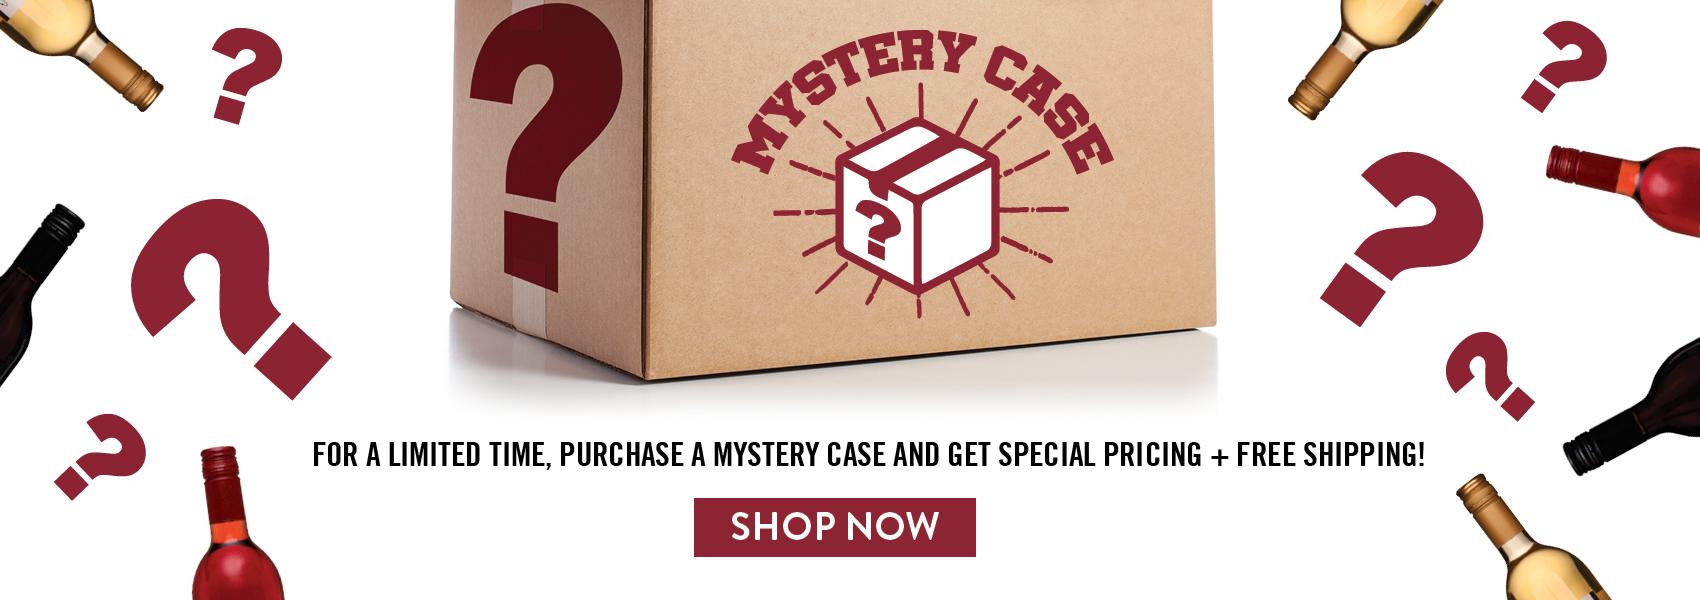 MysteryEmailGraphic_1700x600